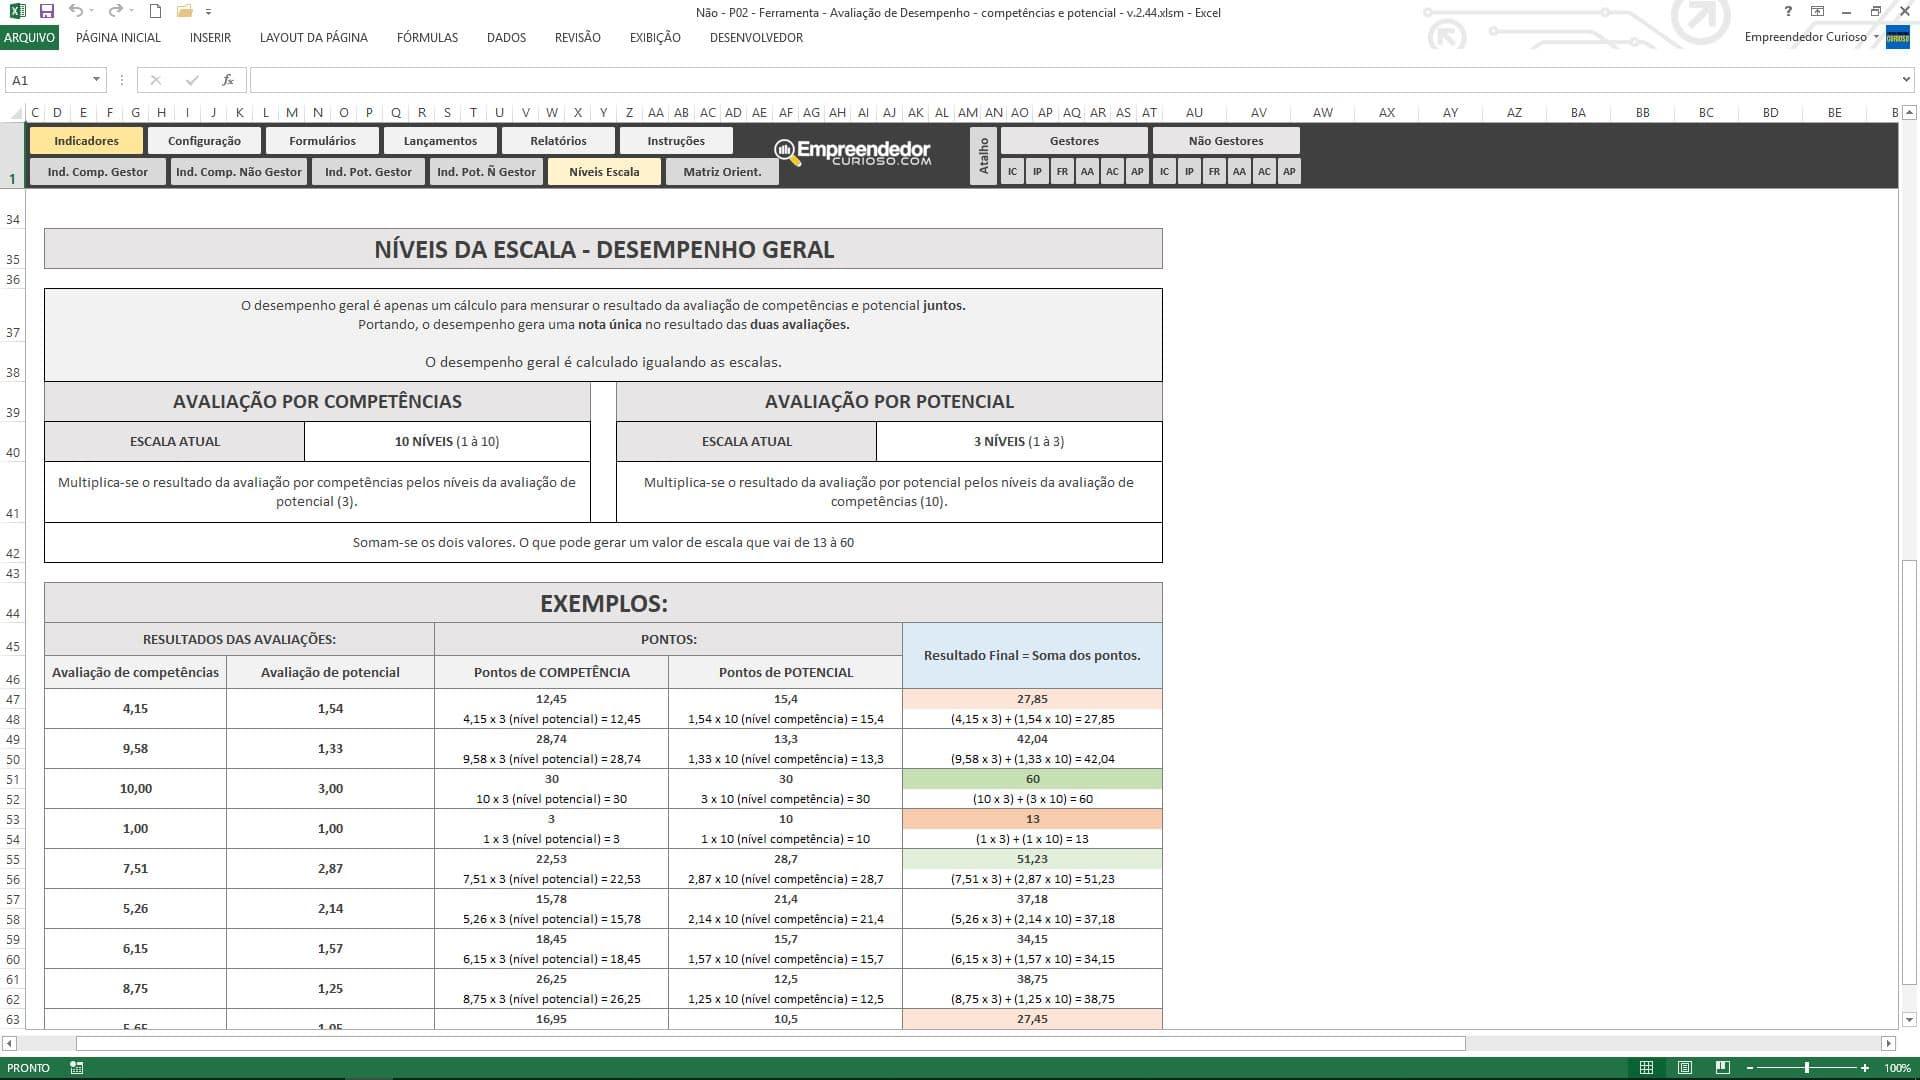 Planilha de avaliação de desempenho de funcionário - Nível de escala de desempenho geral da avaliação